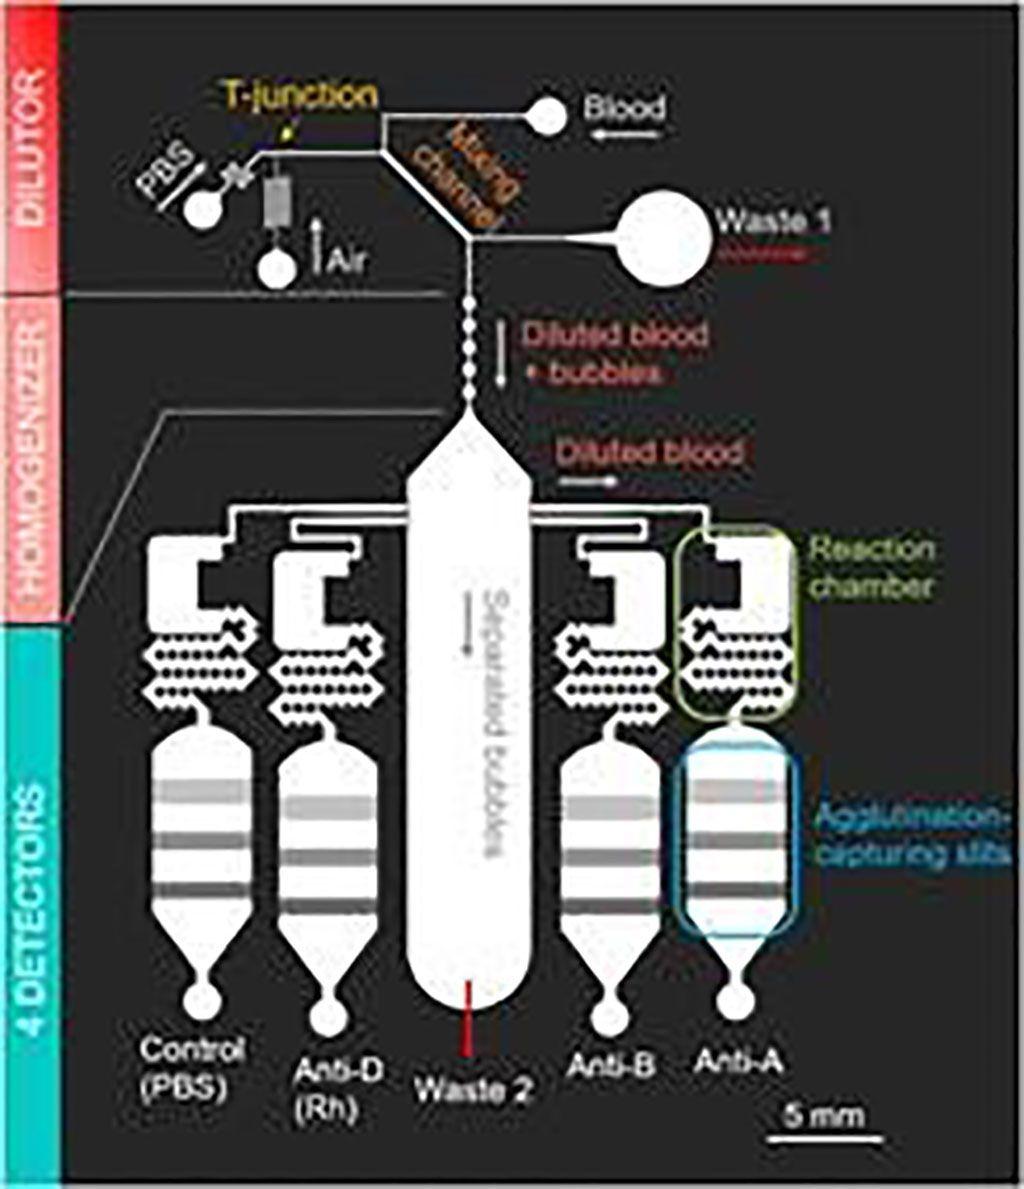 Imagen: Diagrama esquemático del chip de clasificación de sangre totalmente automático que utiliza las burbujas para una rápida dilución y detección (Fotografía cortesía de la Universidad de Ciencias de Tokio).